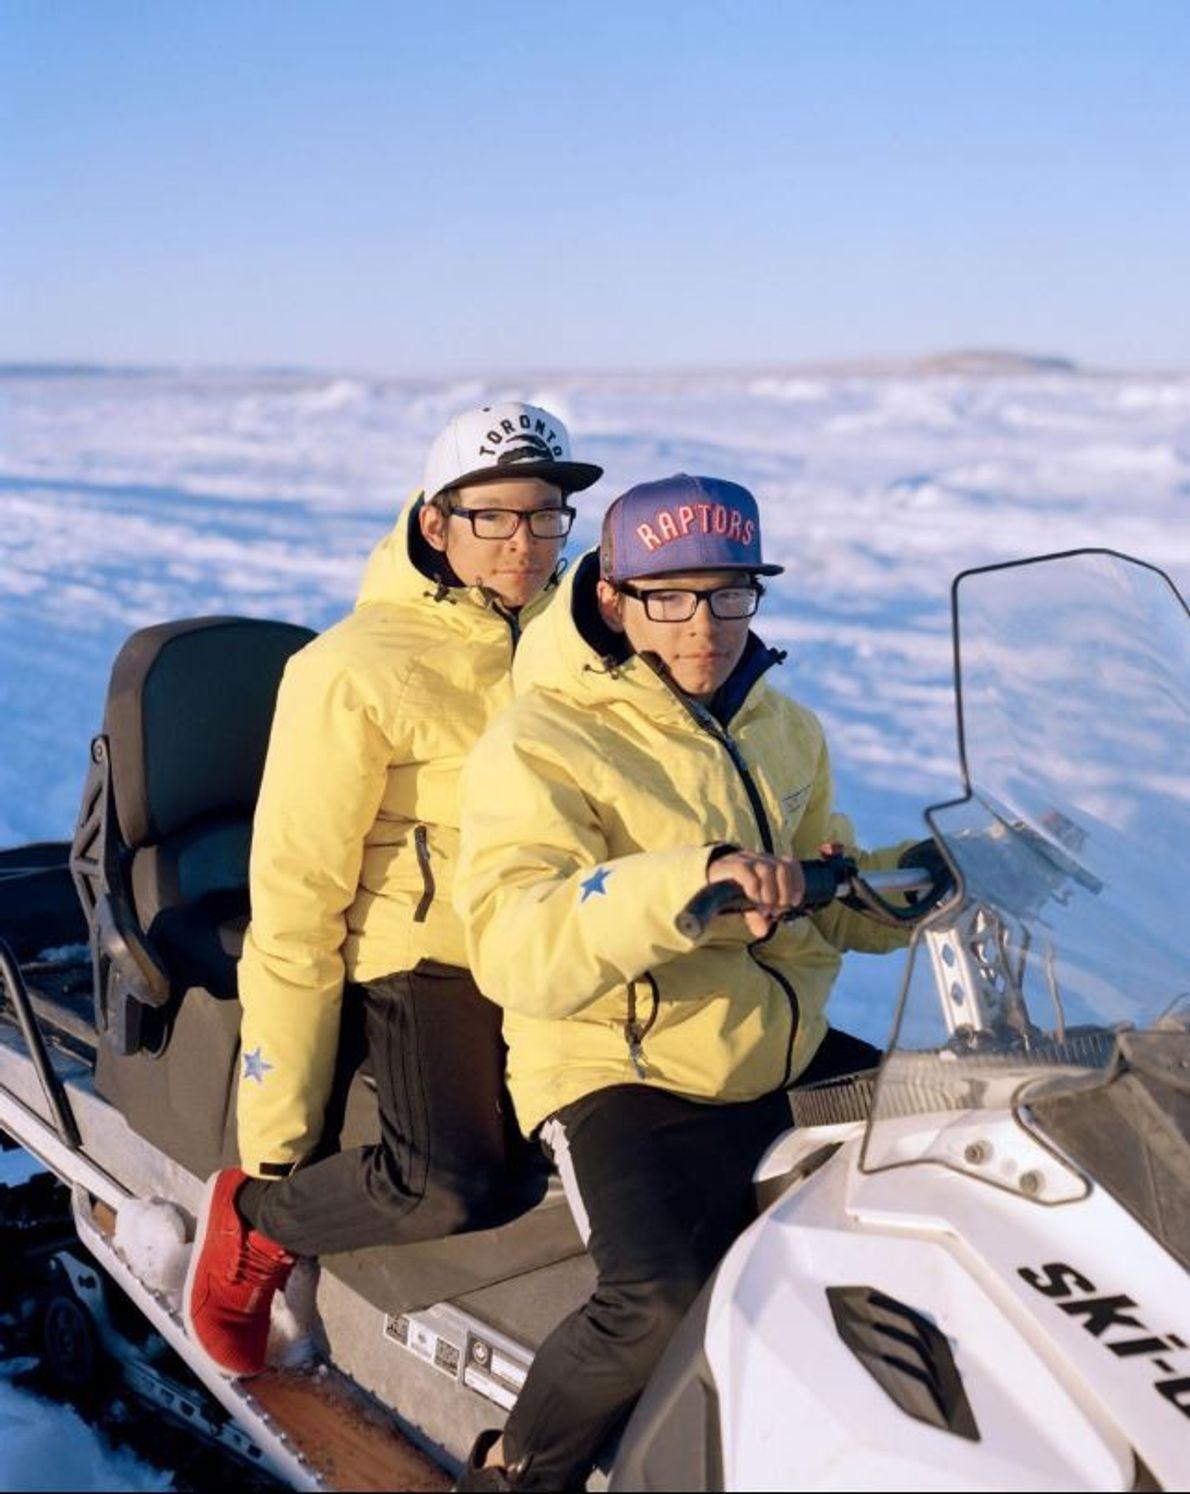 Logan et Edmond Willie, des jumeaux âgés de 15 ans, chassent une oie des neiges à ...